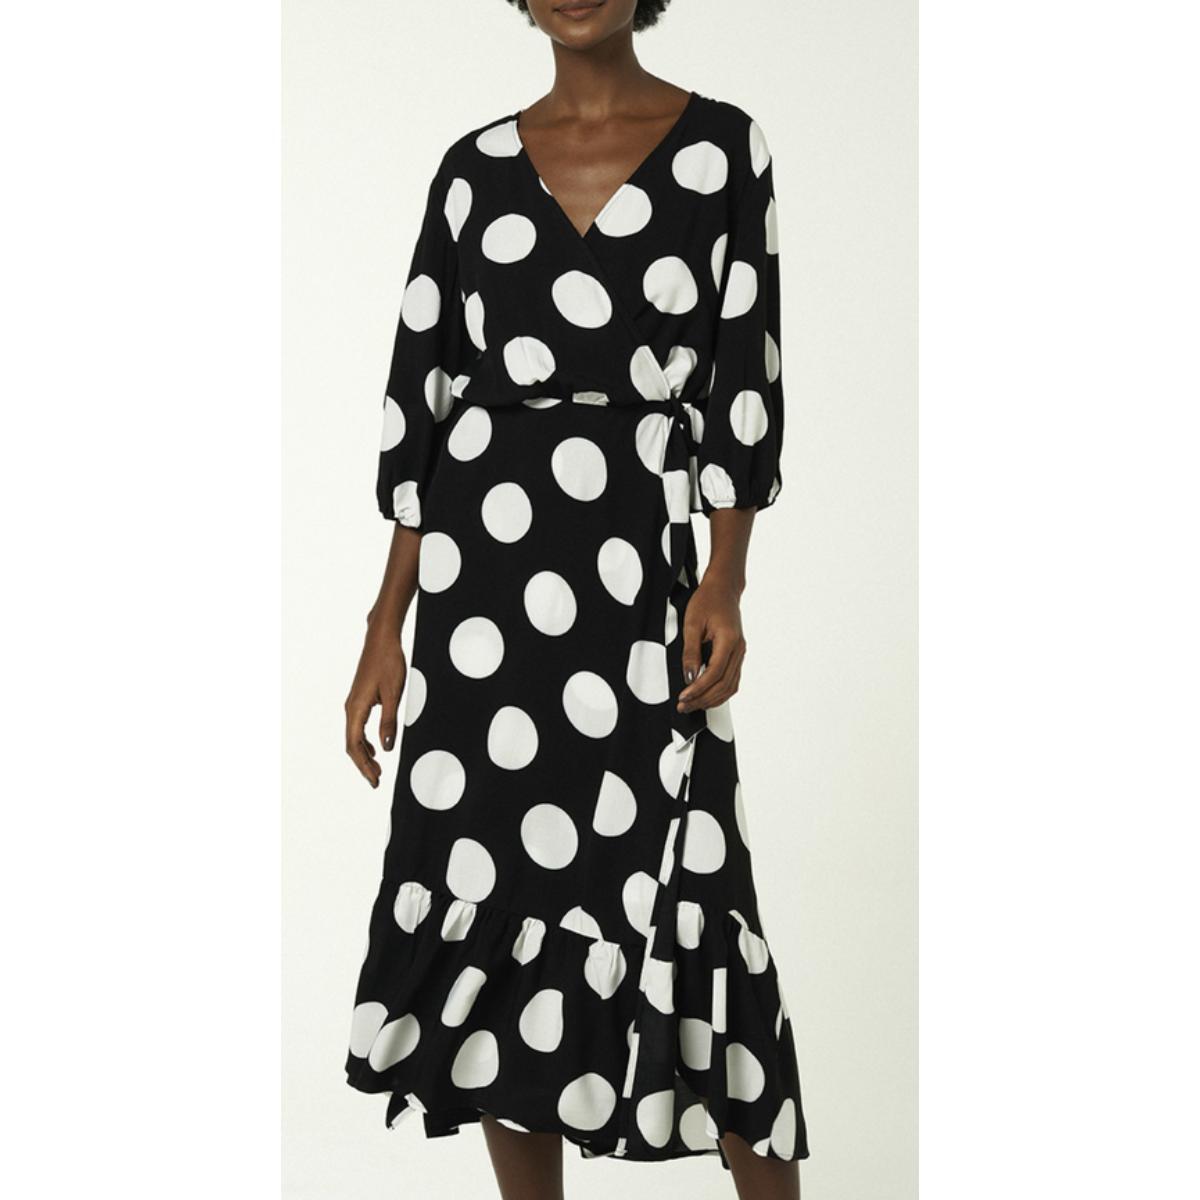 Vestido Feminino Hering Ha63 1ben Preto/branco Poa